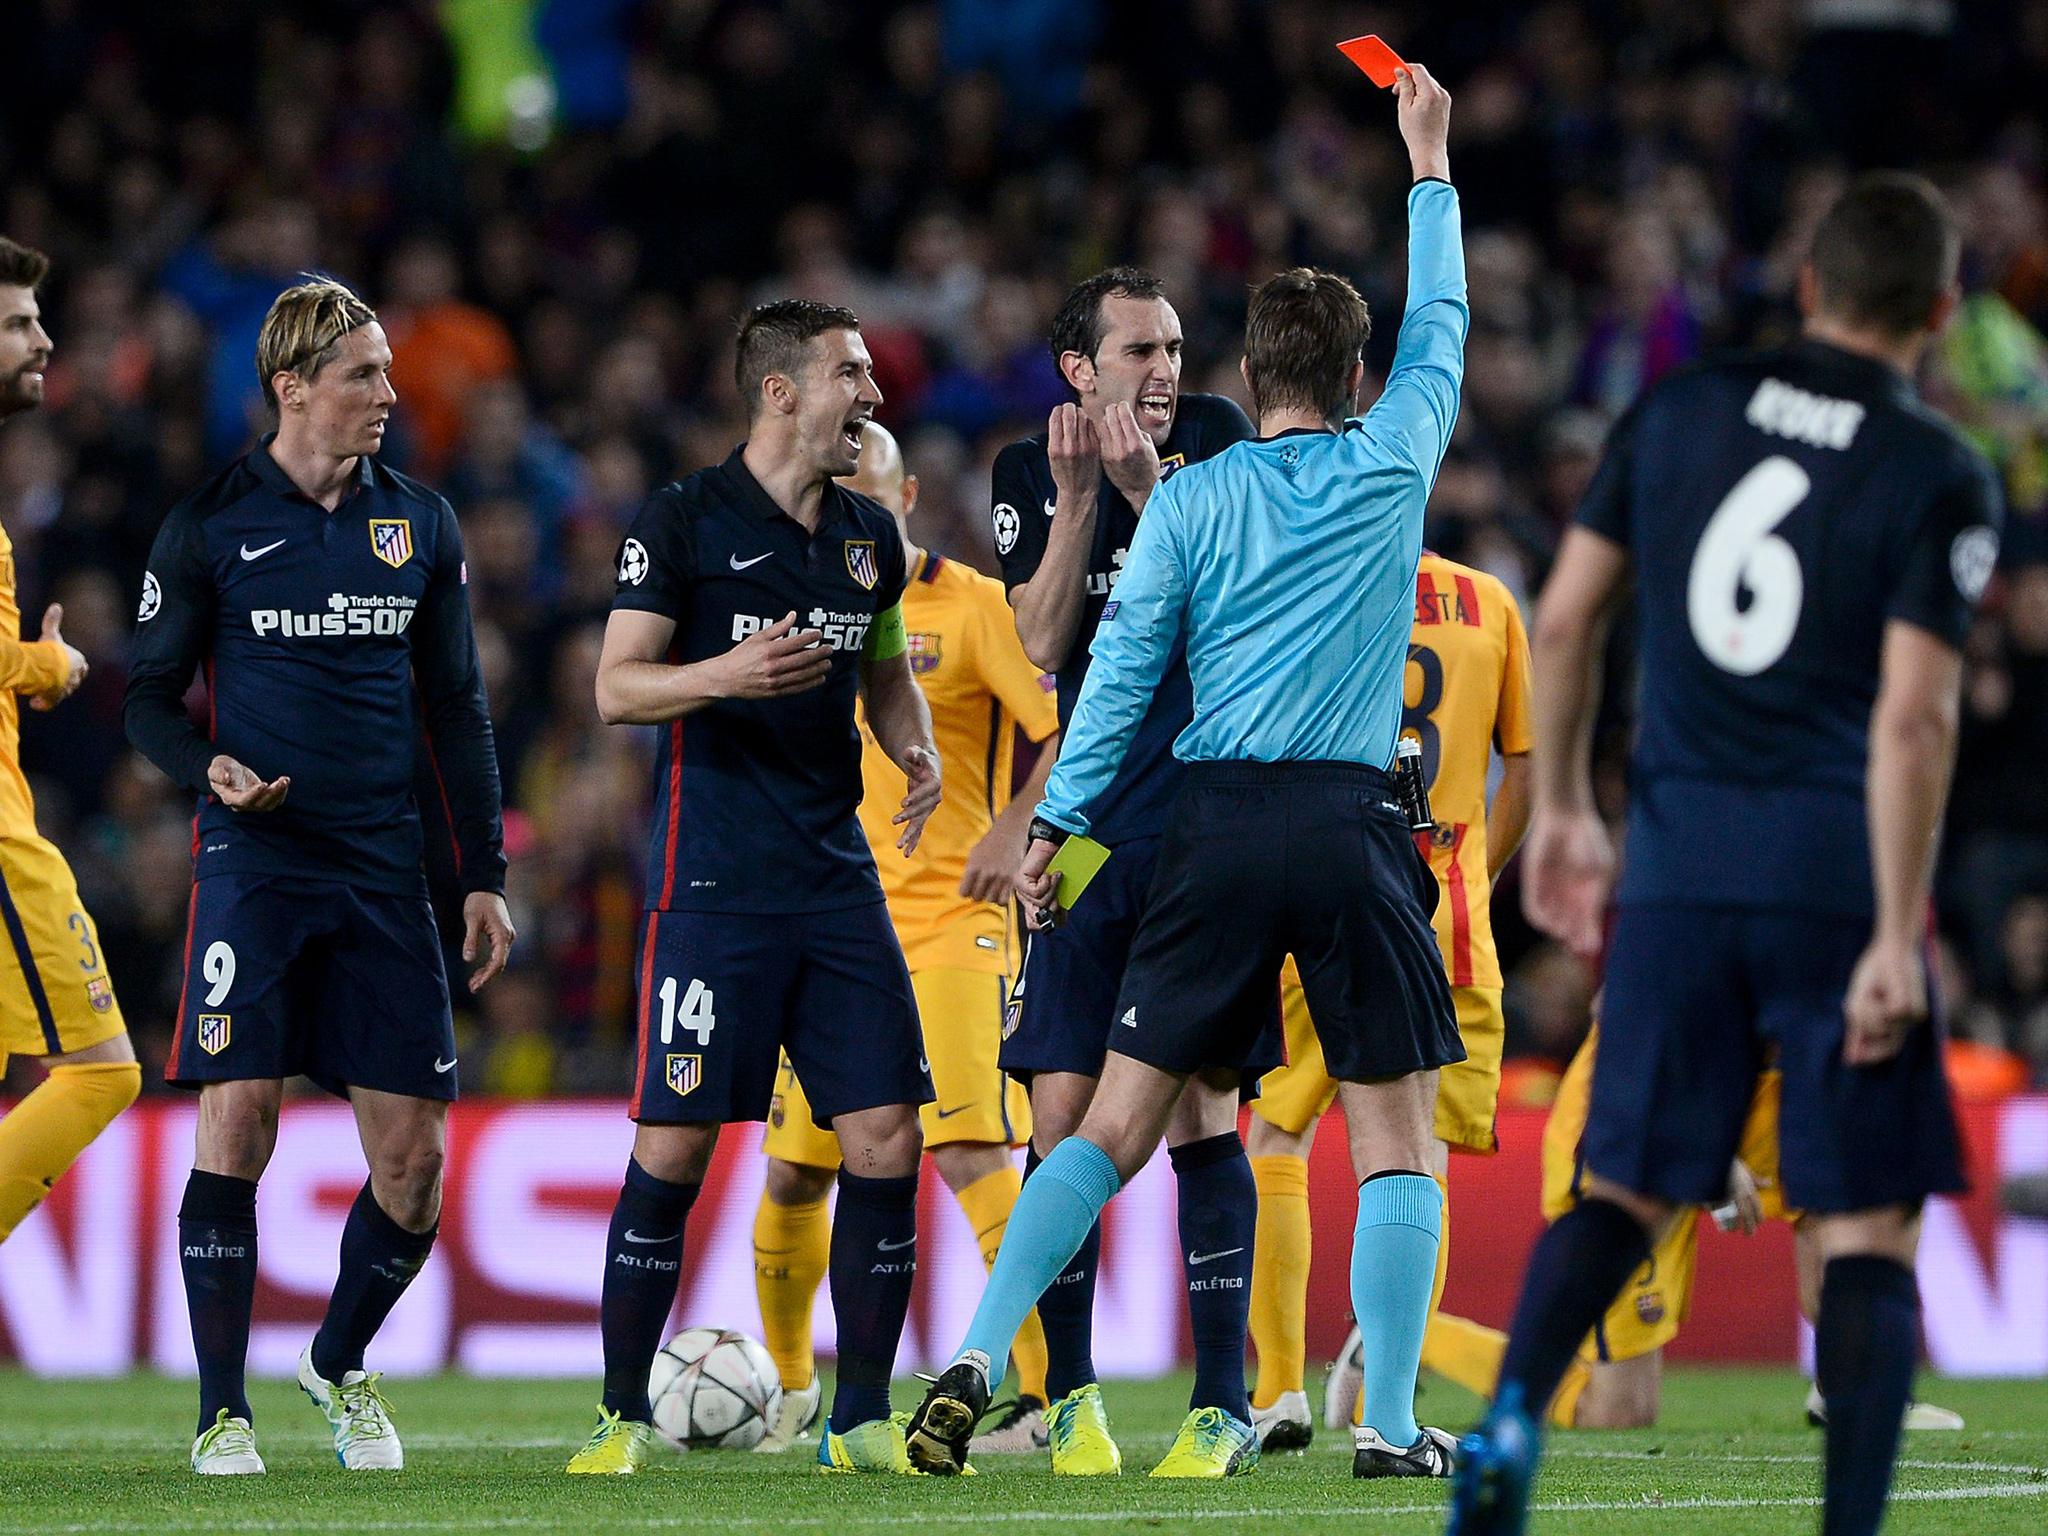 Speltips Hett möte mellan Atletico och Villareal!